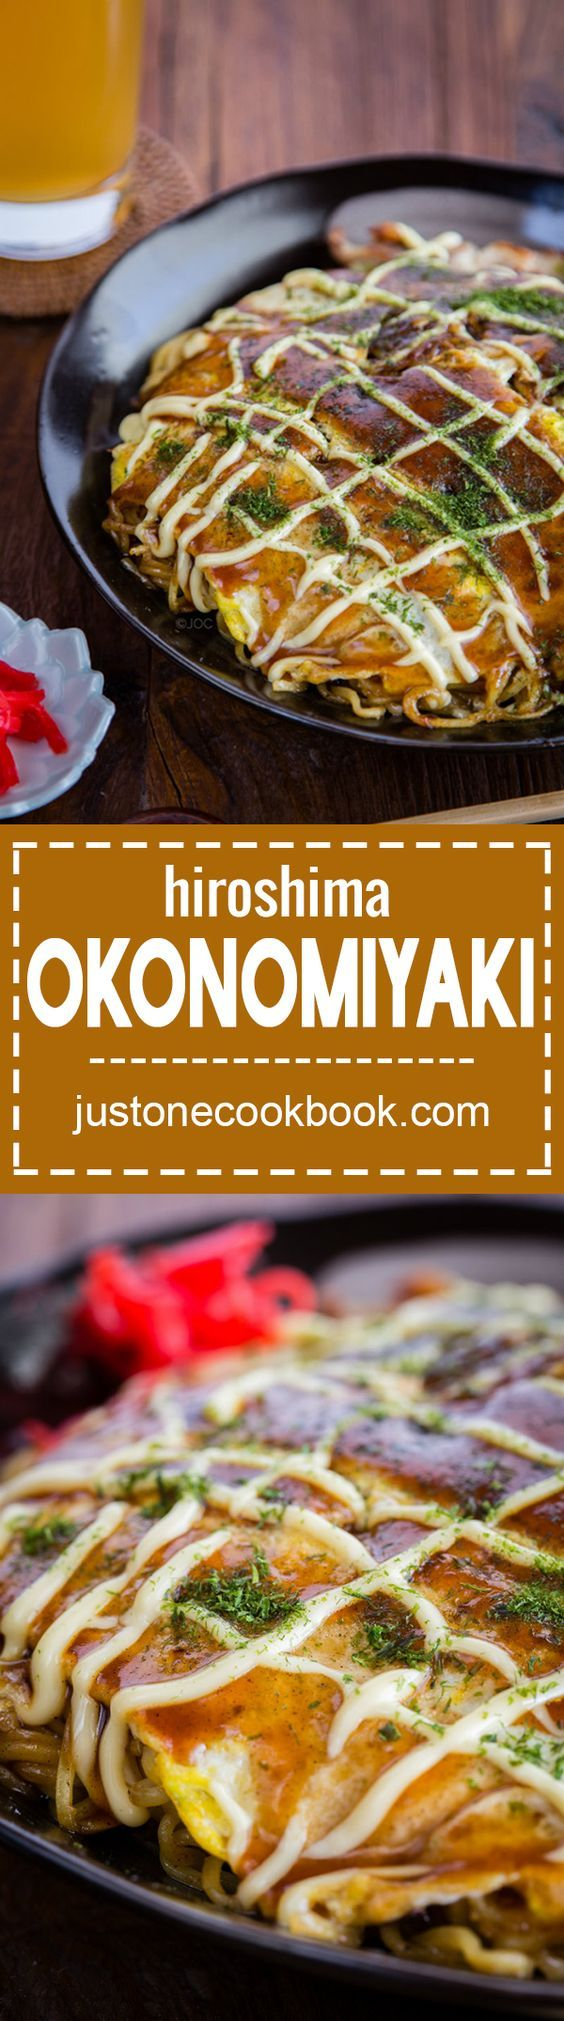 Hiroshima Okonomiyaki (広島風お好み焼き) | Easy Japanese Recipes at JustOneCookbook.com